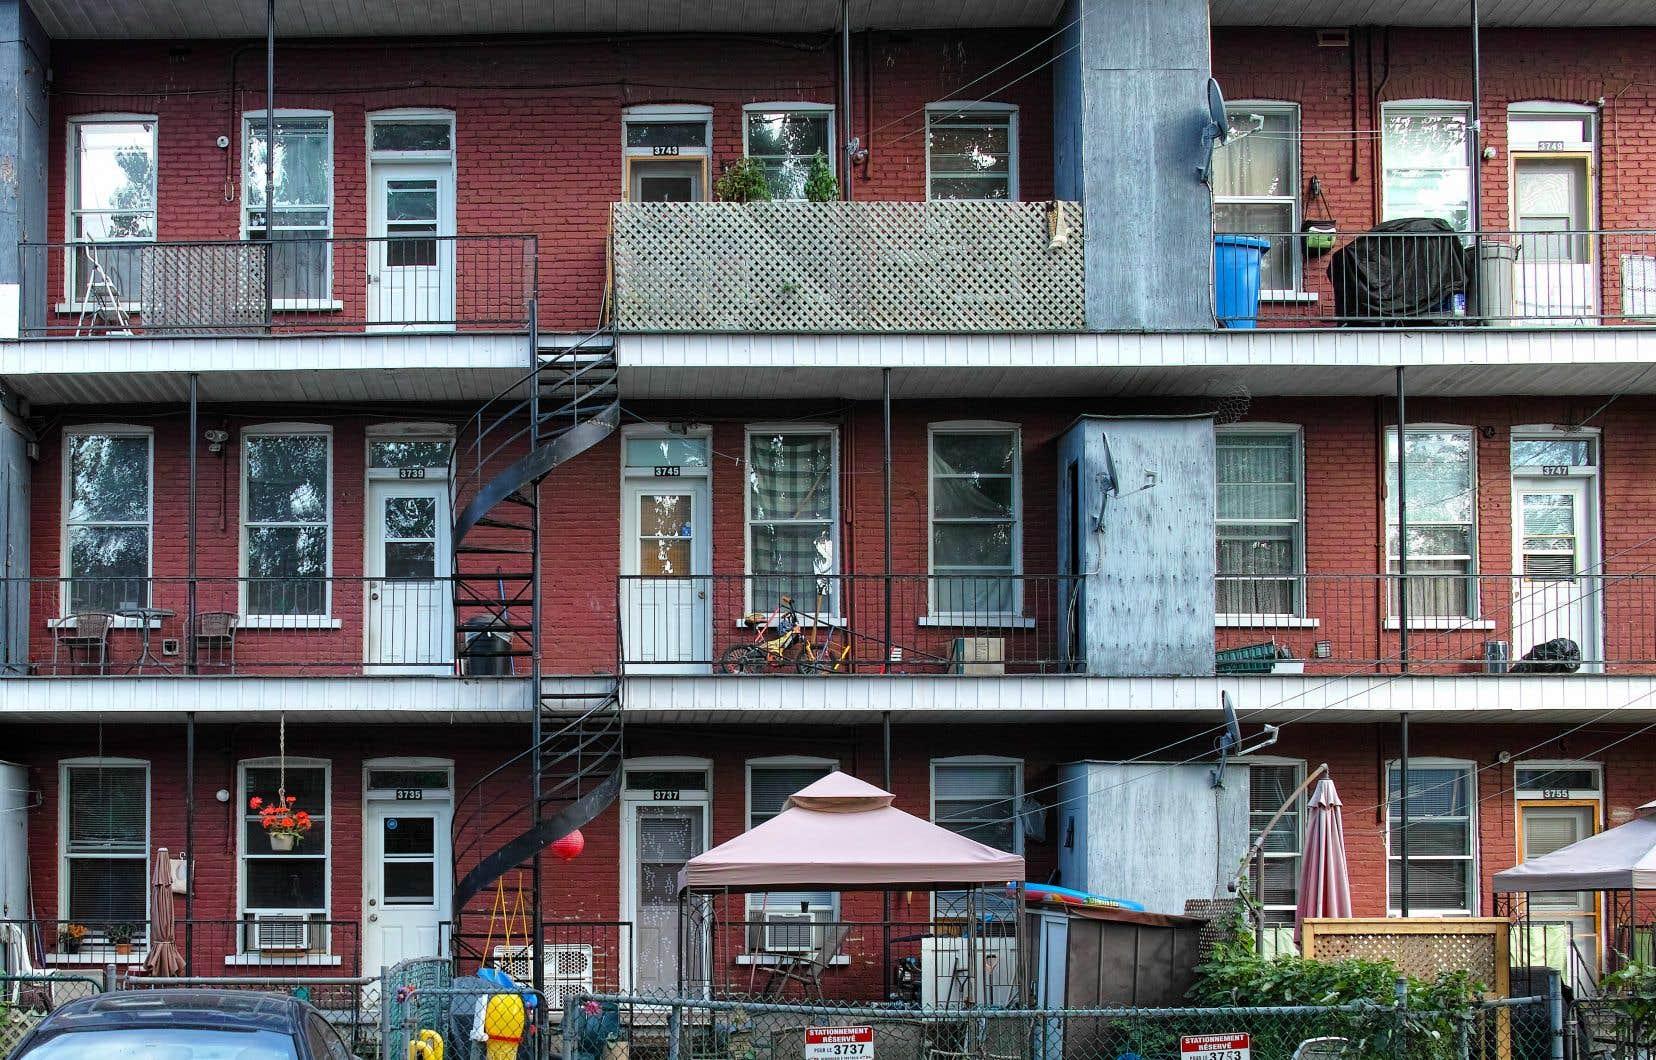 À la grandeur du Québec, le nombre de ménages locataires qui se retrouveront sans logis jeudi s'élève à environ 400, selon les calculs du Front d'action populaire en réaménagement urbain (FRAPRU).